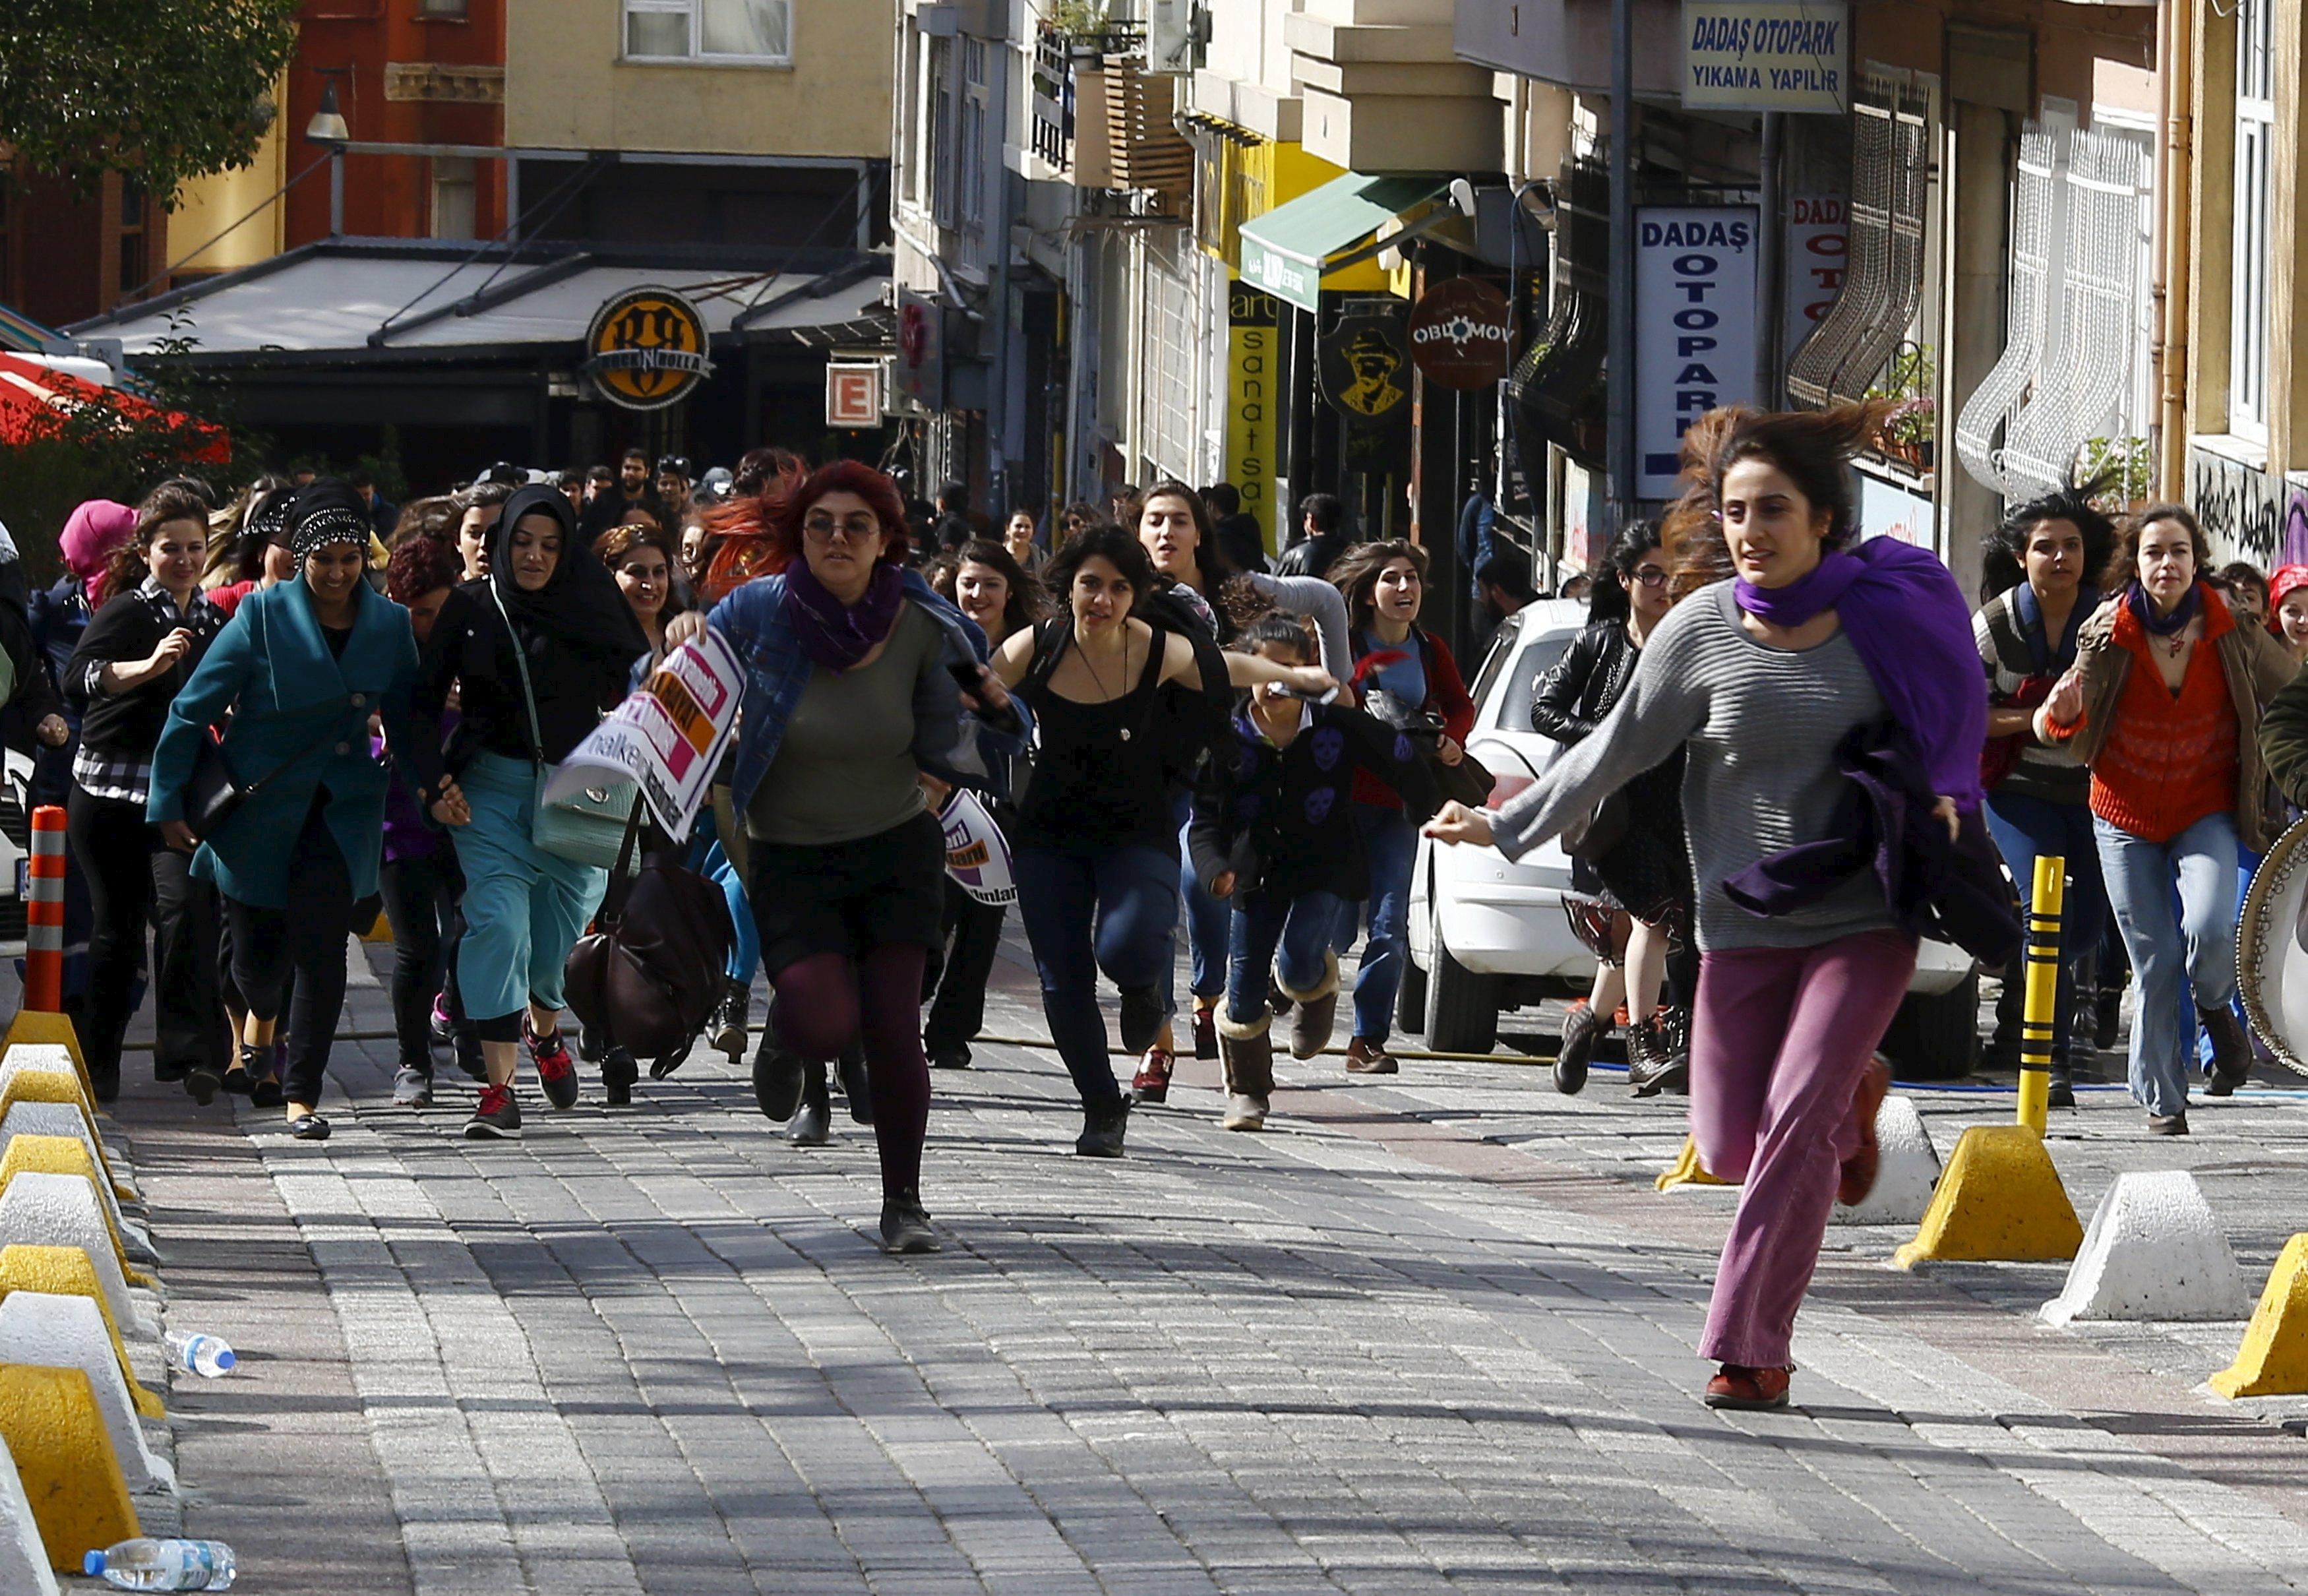 أمريكا وإسرائيل تصدران تحذيرات جديدة لرعاياهما في تركيا